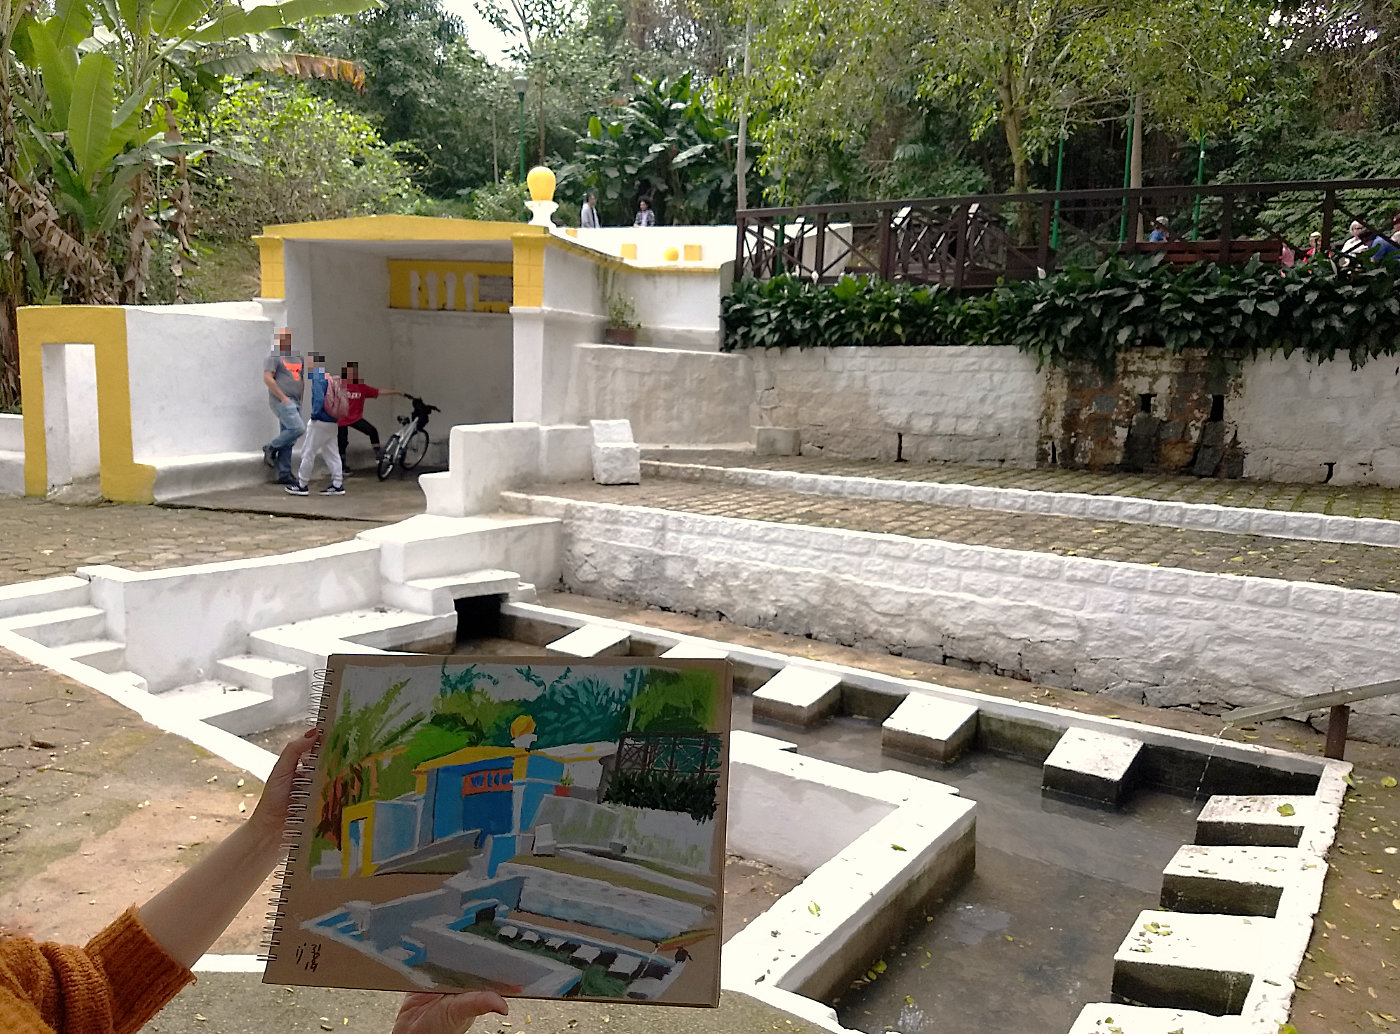 Ao fundo, estrutura da bica da carioca composta de tanque com blocos para as lavadeiras e uma pequena construção coberta. Em primeiro plano, sketchbook com o desenho